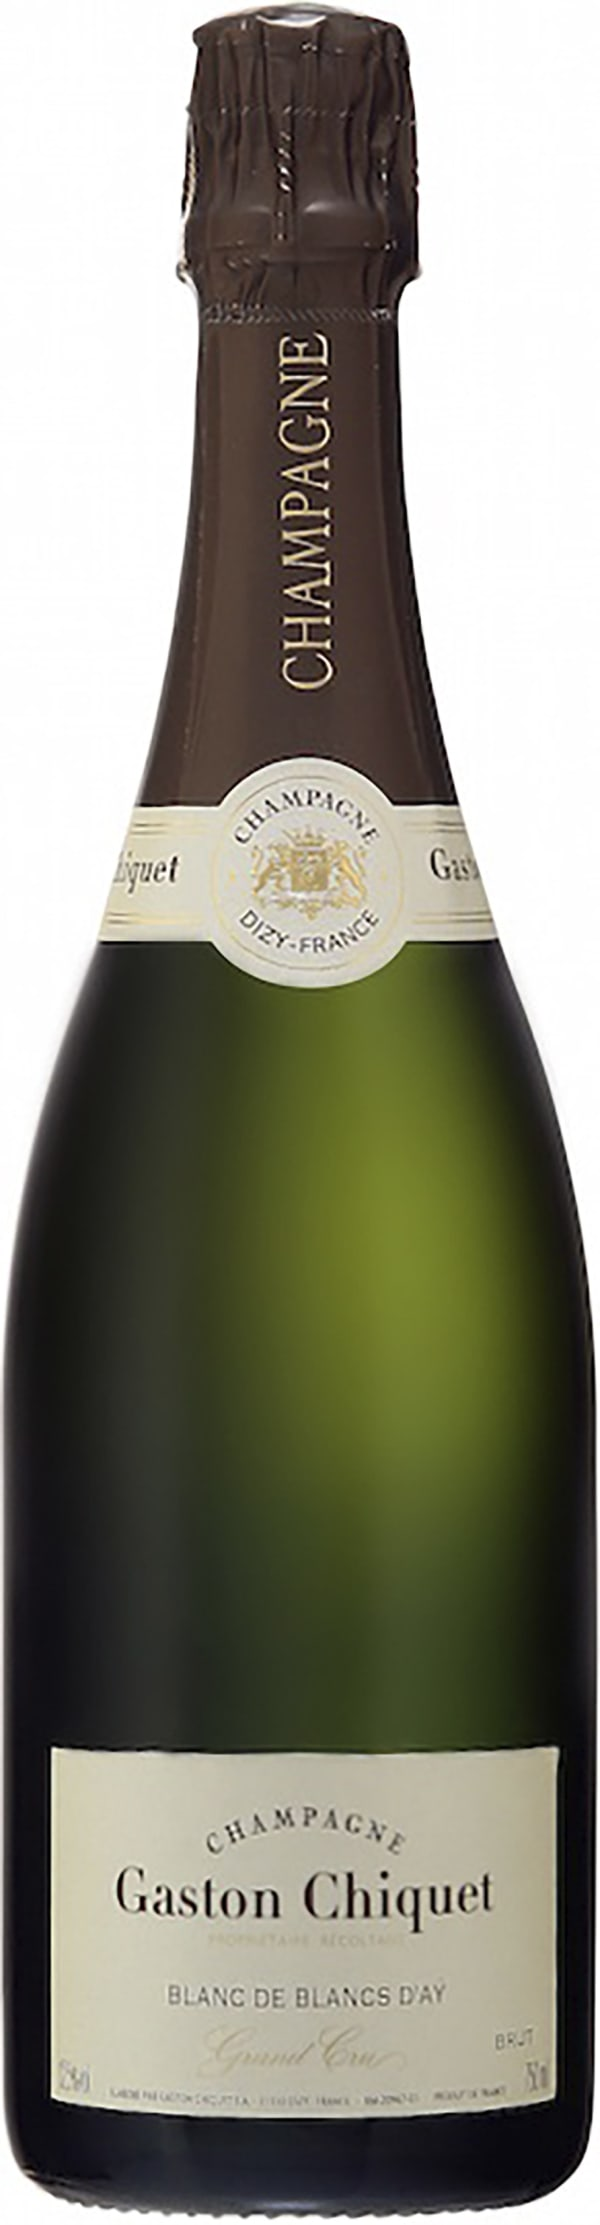 Gaston Chiquet Blanc de Blancs D'Aÿ Grand Cru Champagne Brut